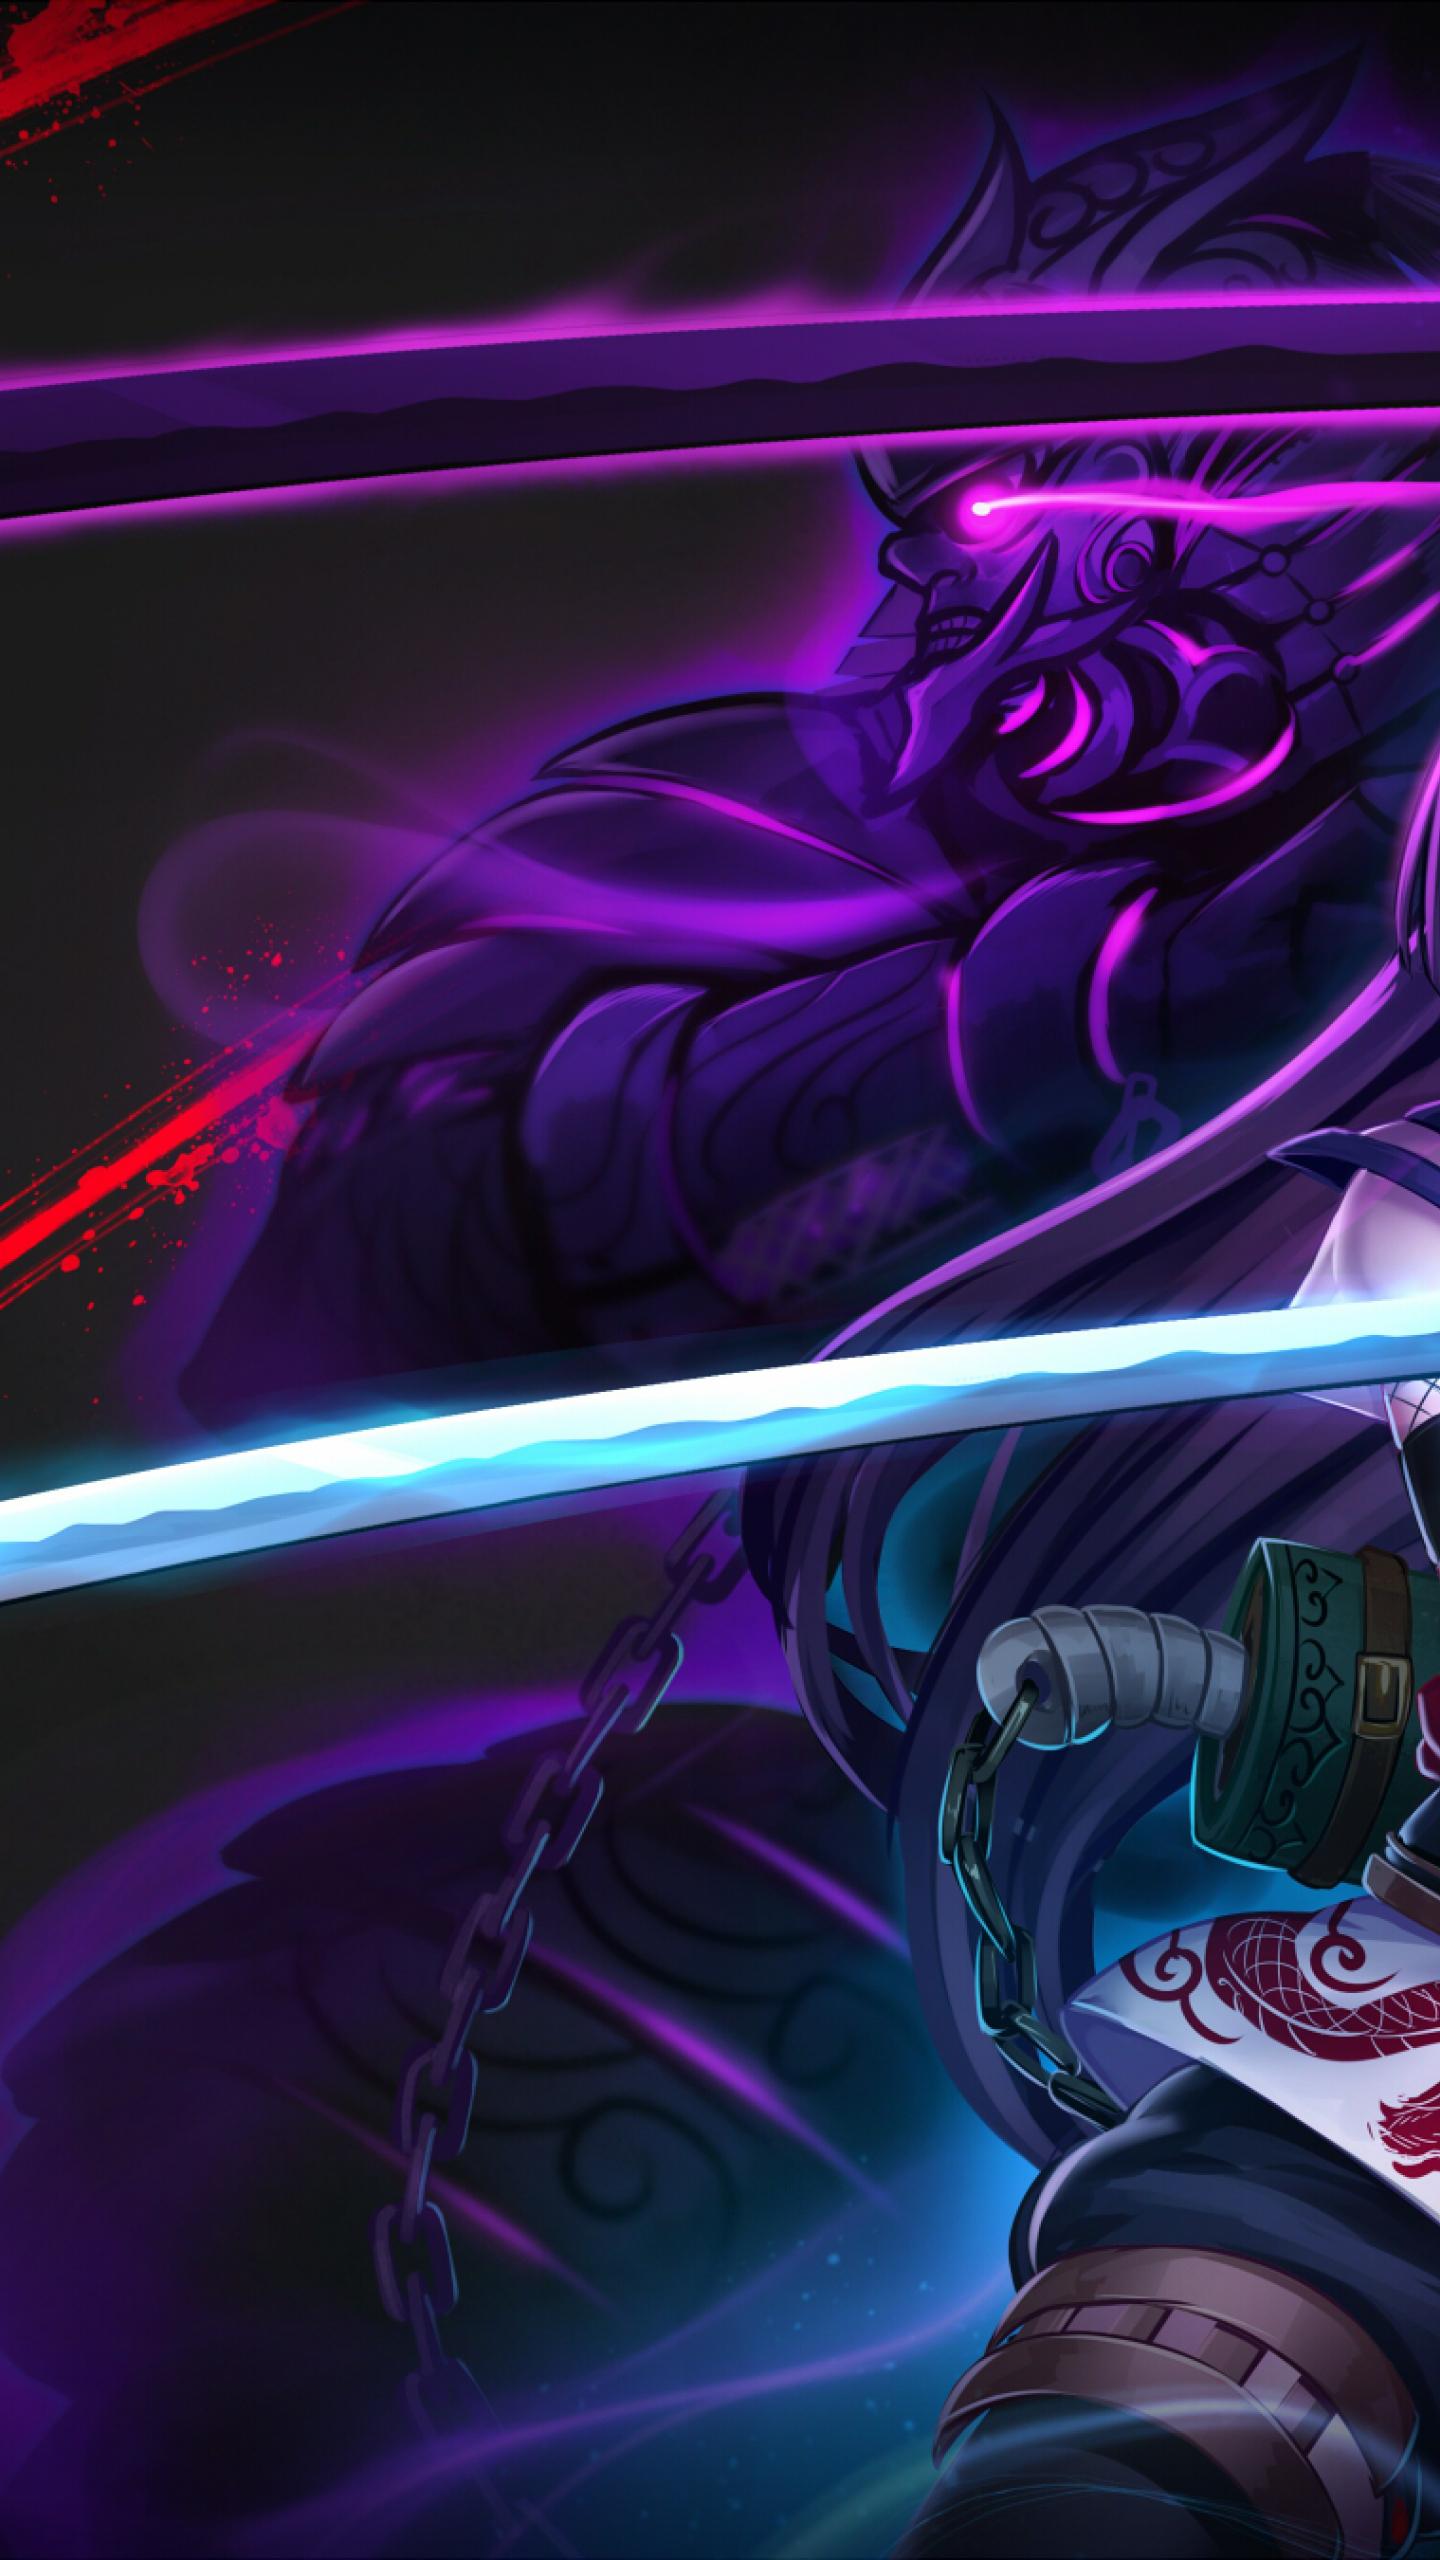 Anime Warrior Girl, Full HD 2K Wallpaper